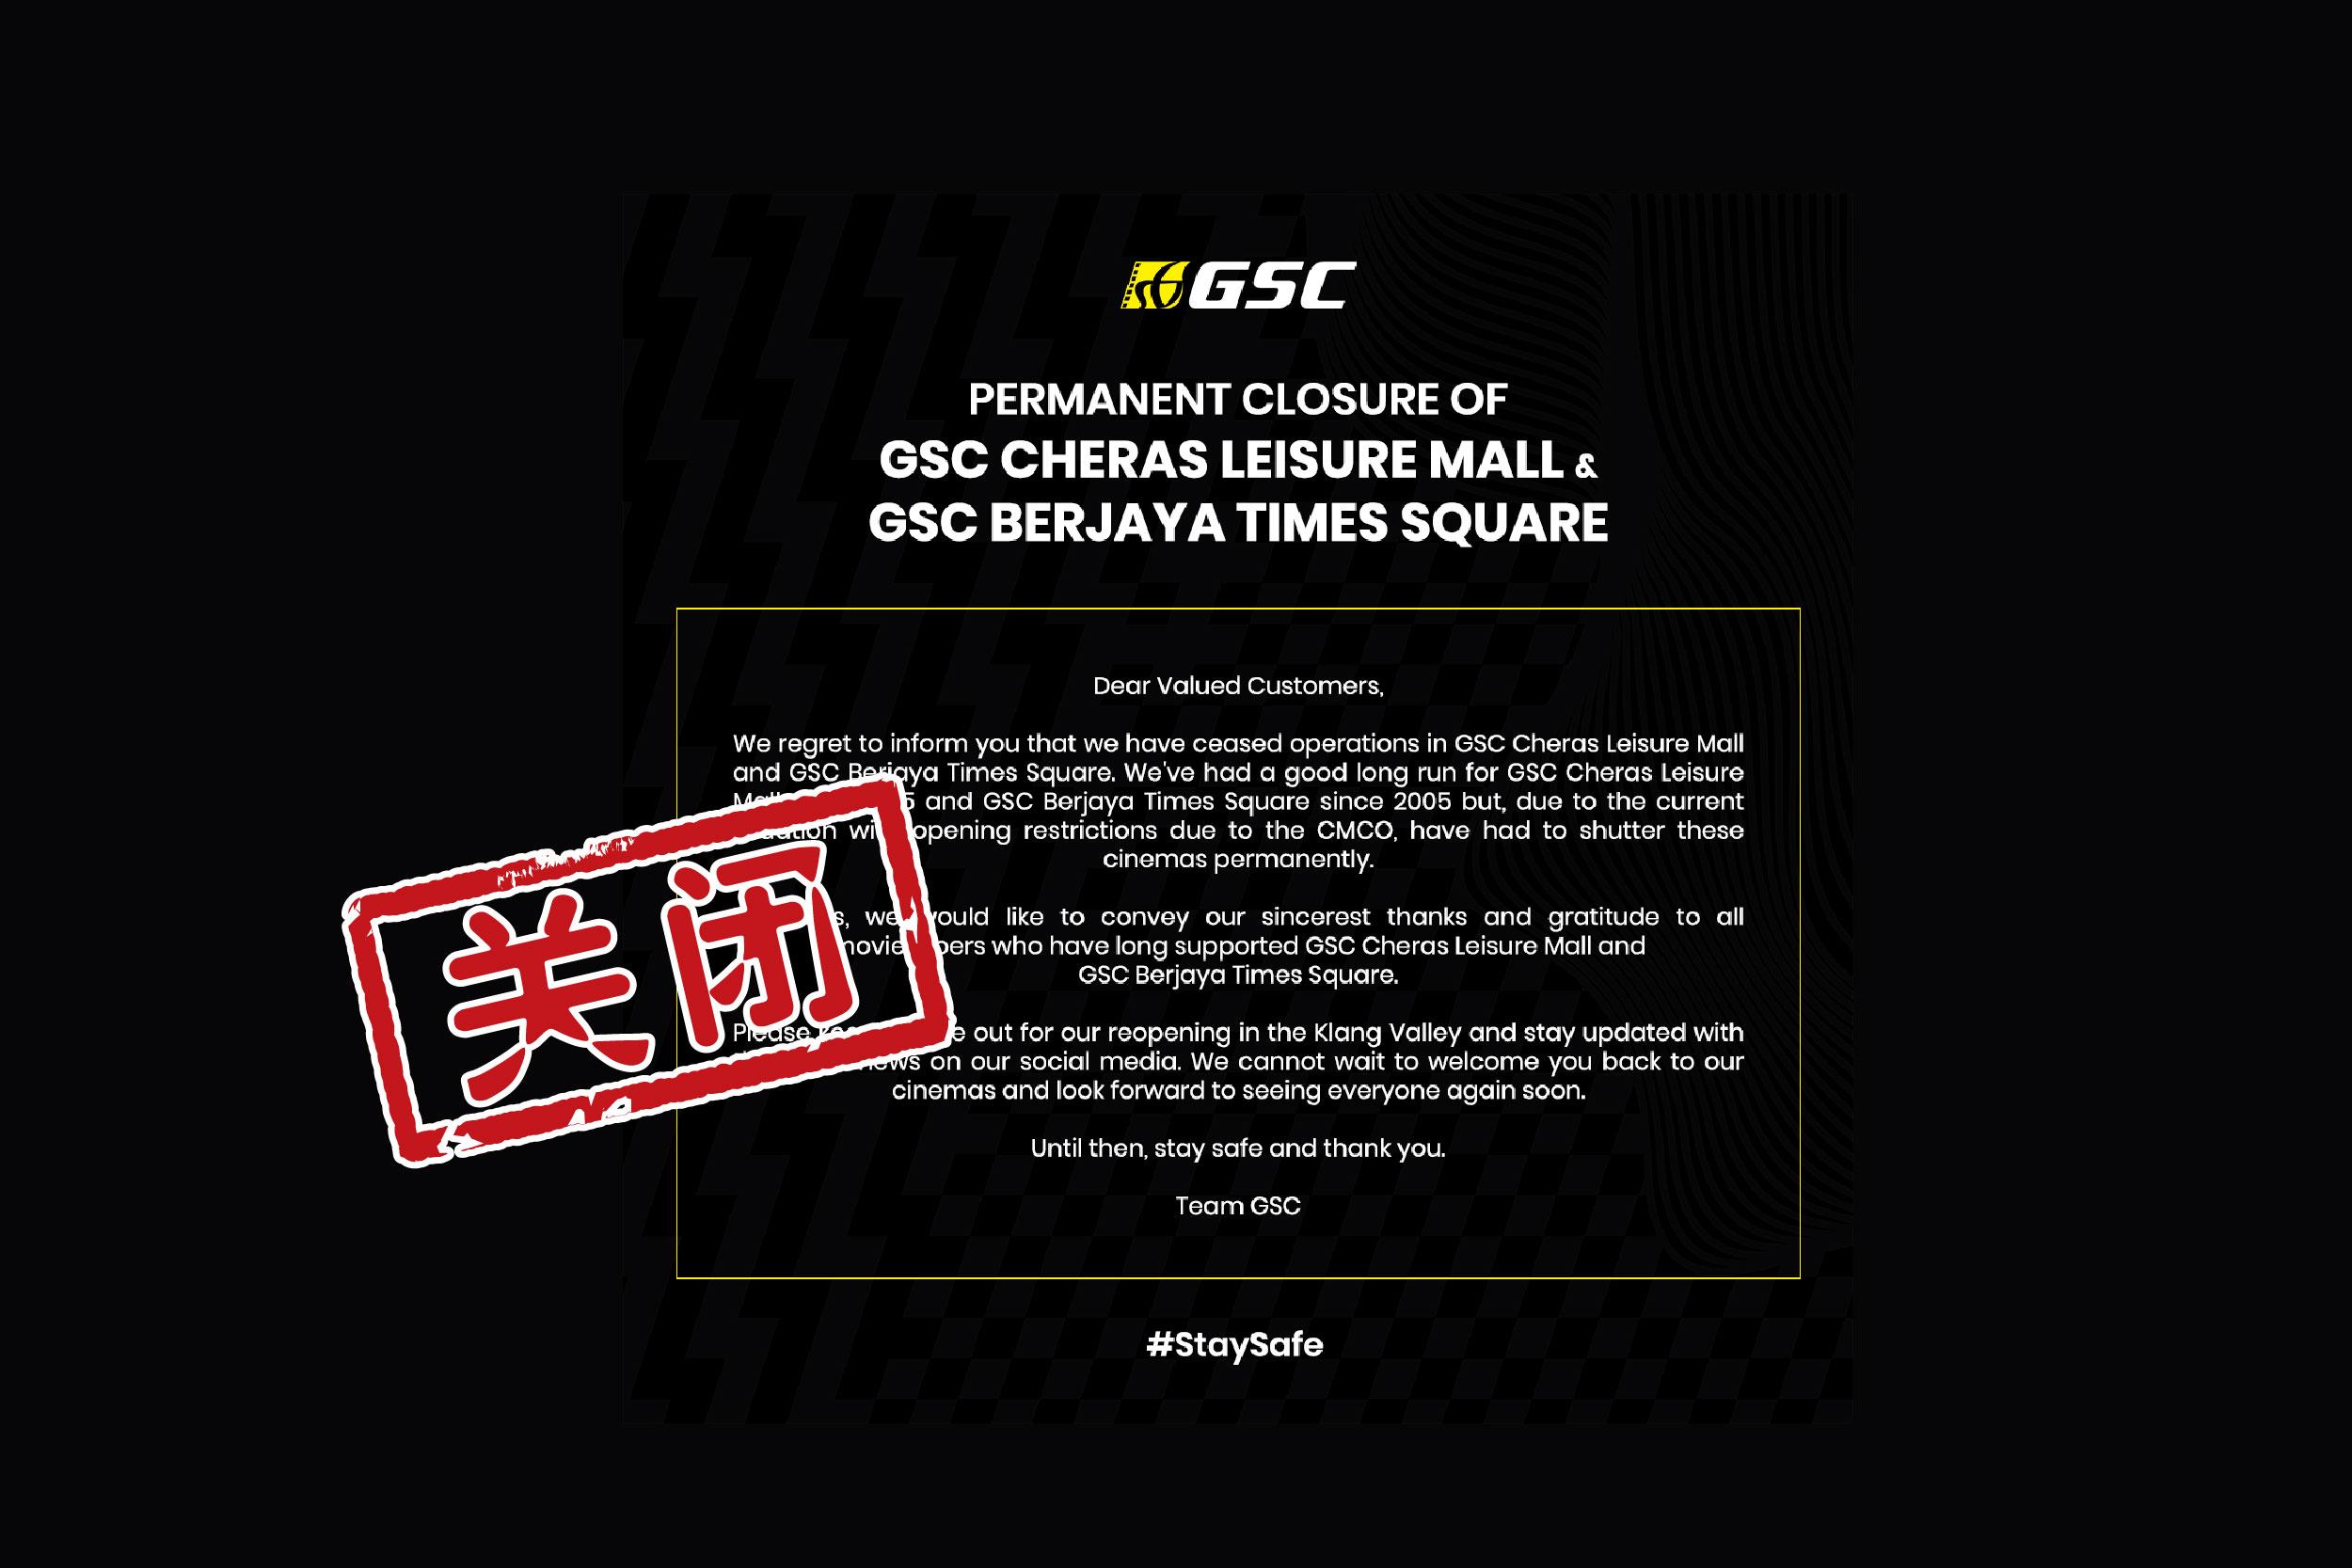 受到疫情和CMCO的影响,蕉赖利双广场和成功时代广场的GSC电影院即日起正式结束营业。-图取自GSC官网-